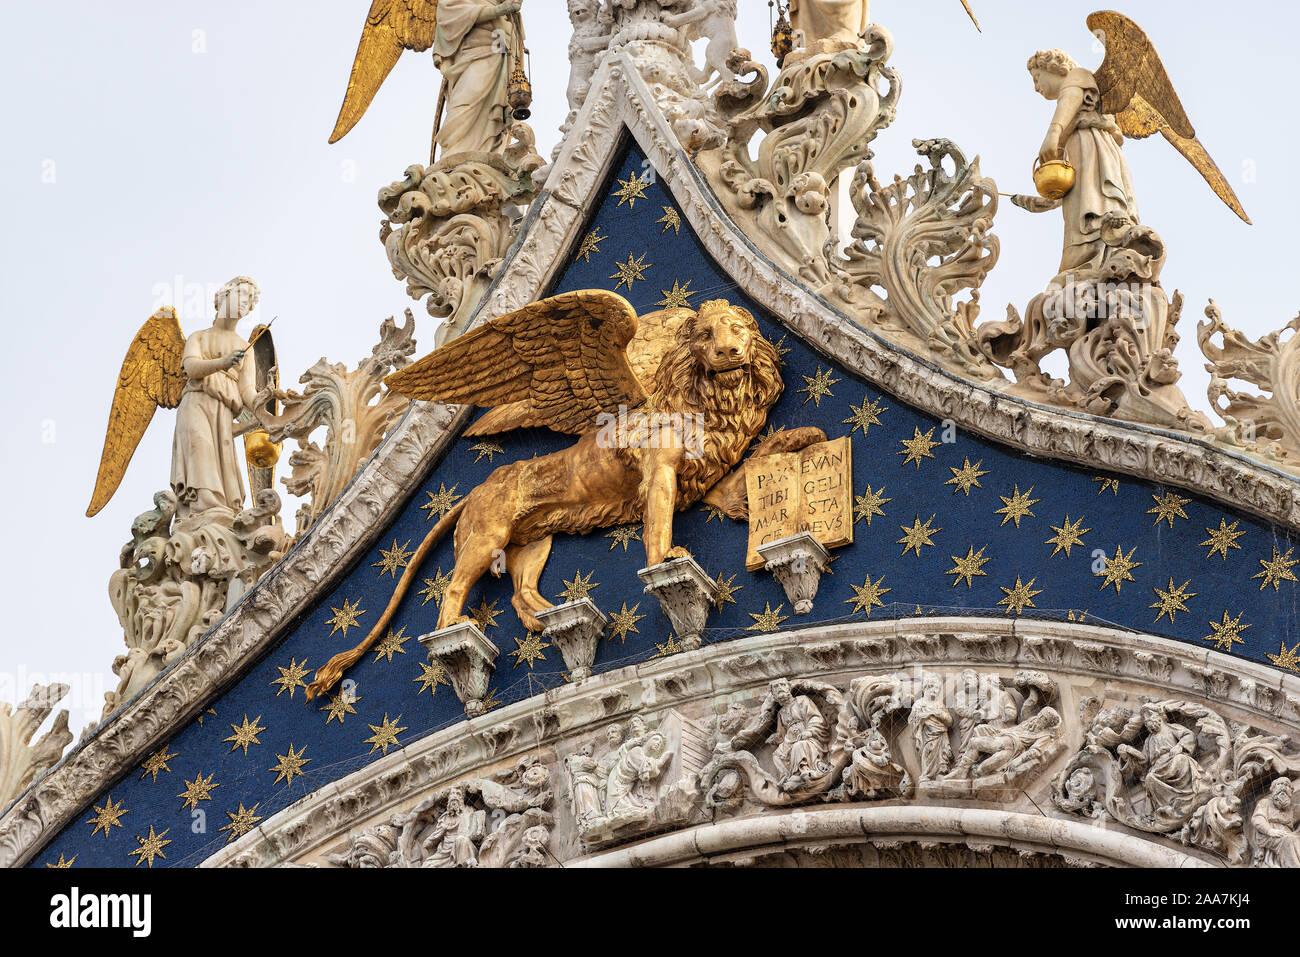 Venecia, el acercamiento de la catedral y de la Basílica de San Marcos (St. El evangelista san Marcos), con el dorado león alado. Sitio de Patrimonio Mundial de la UNESCO, Italia Foto de stock